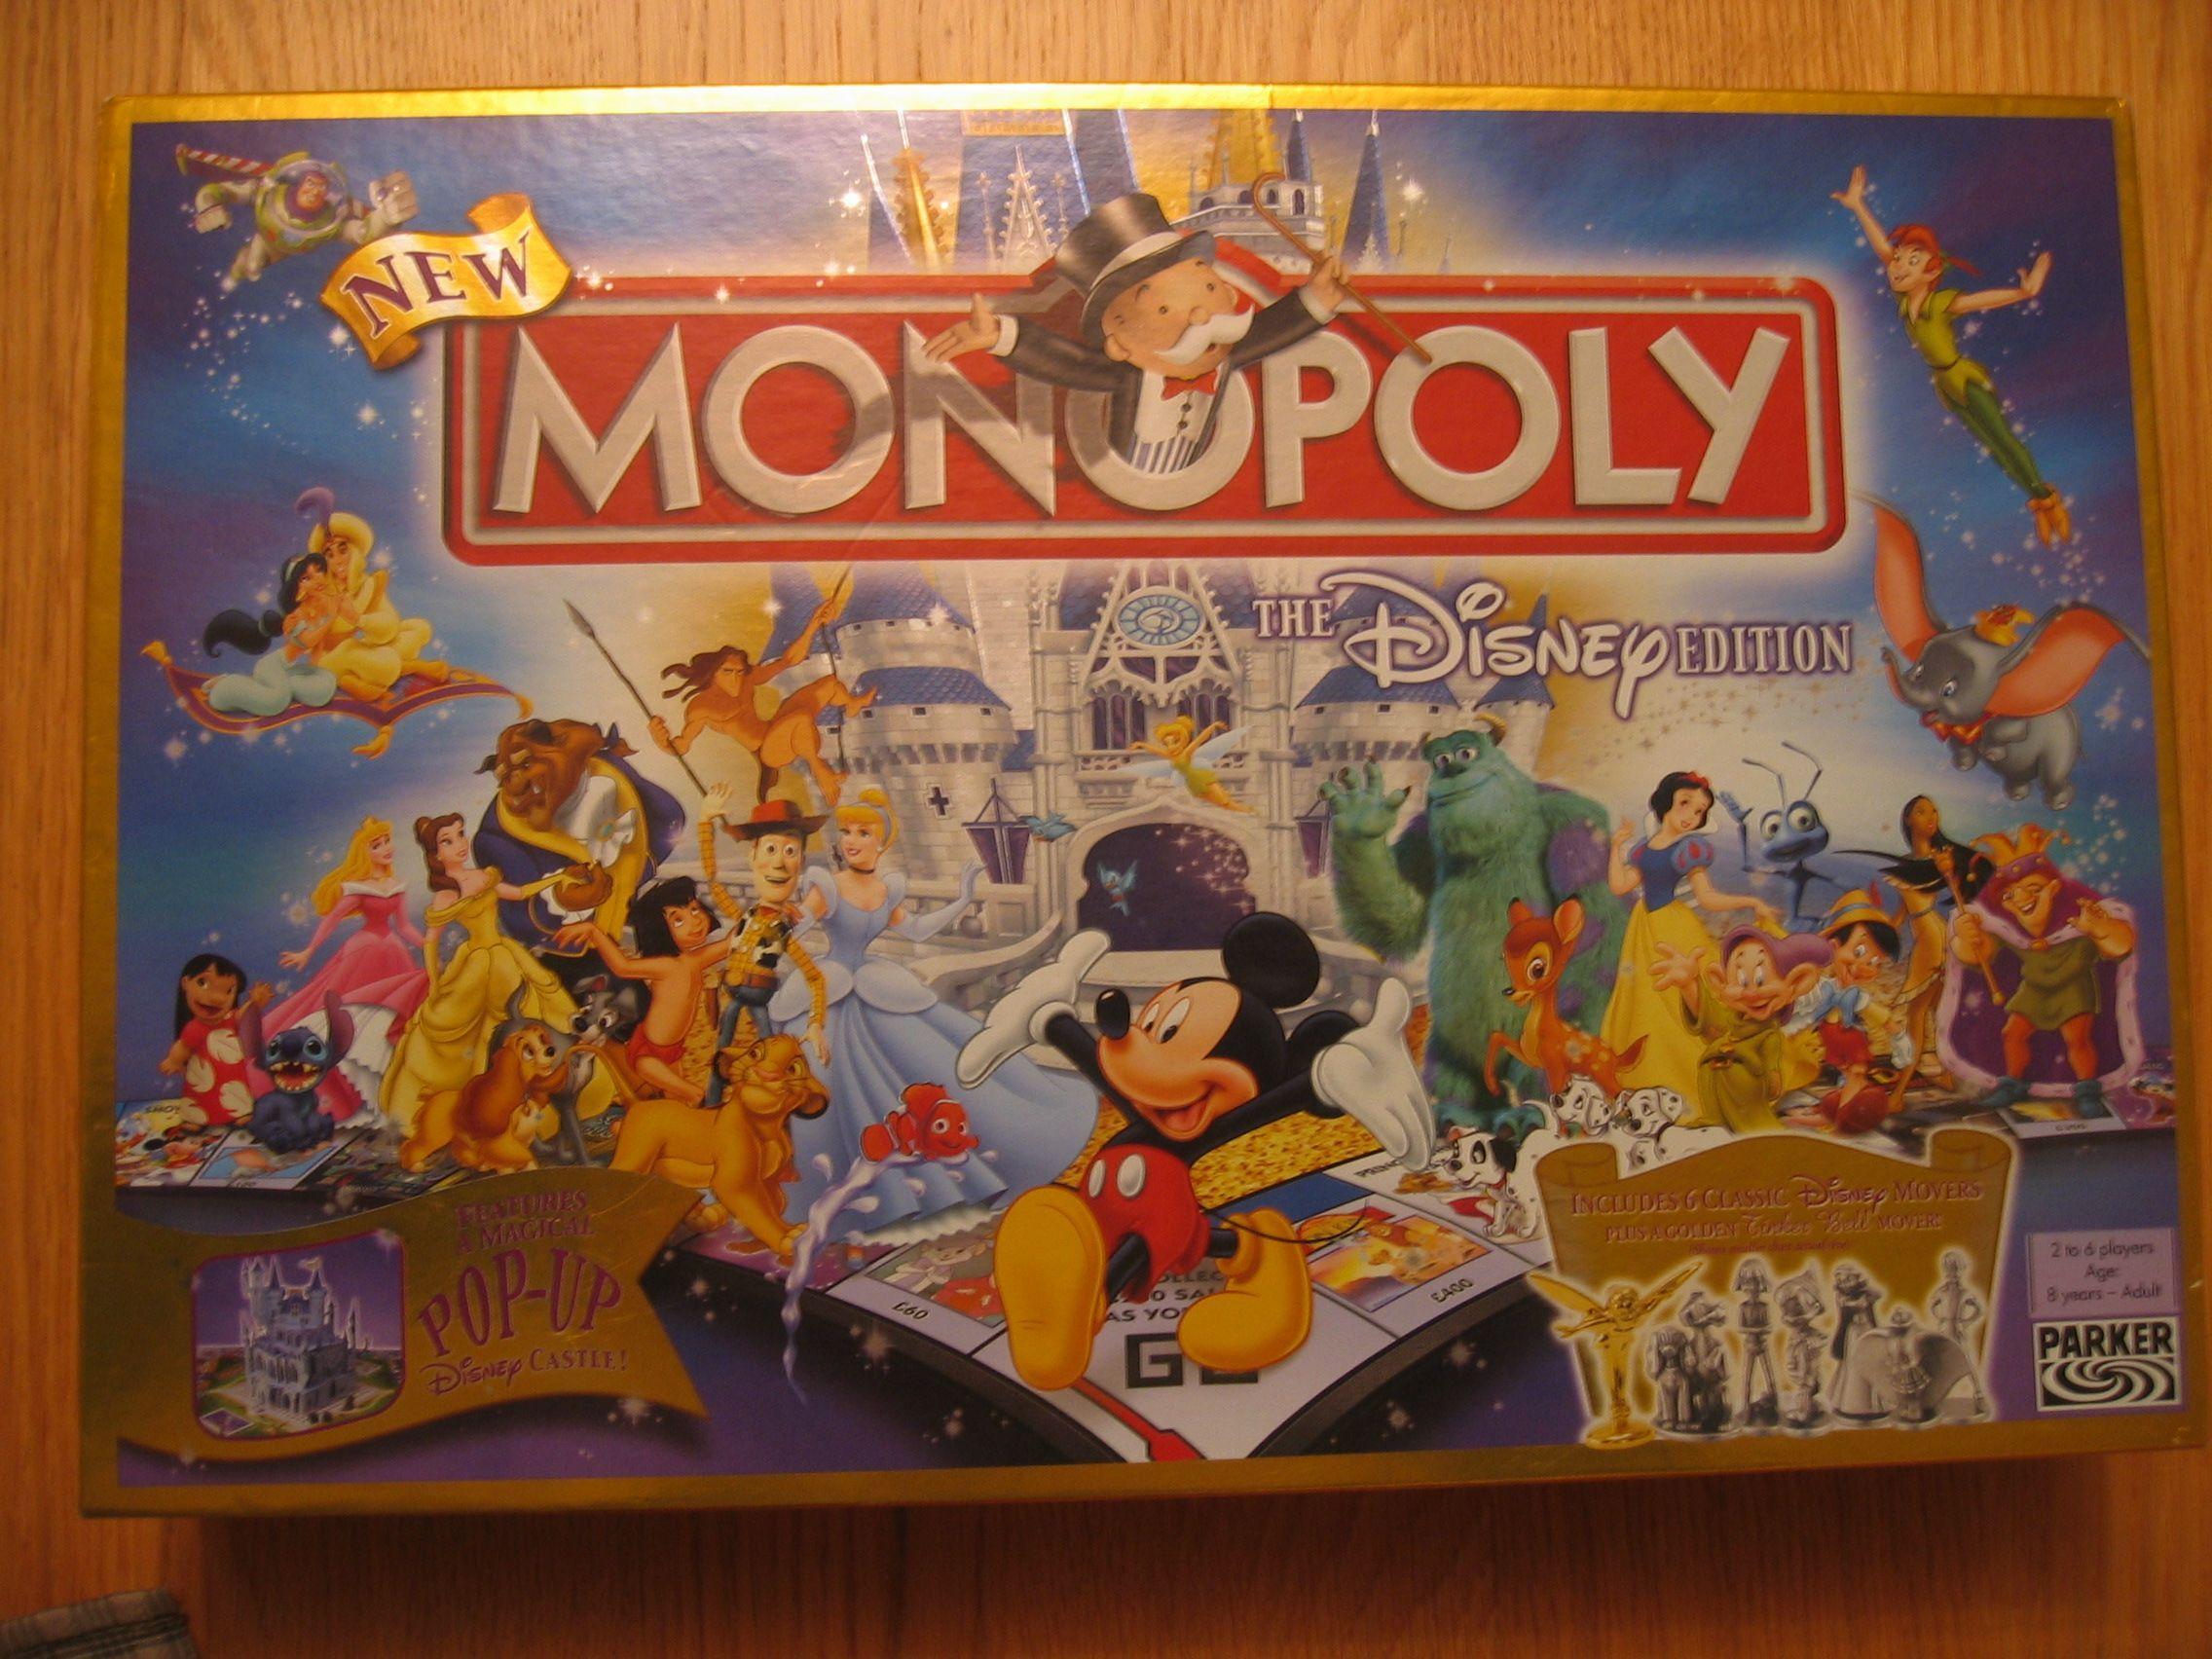 Monopoly: New Disney